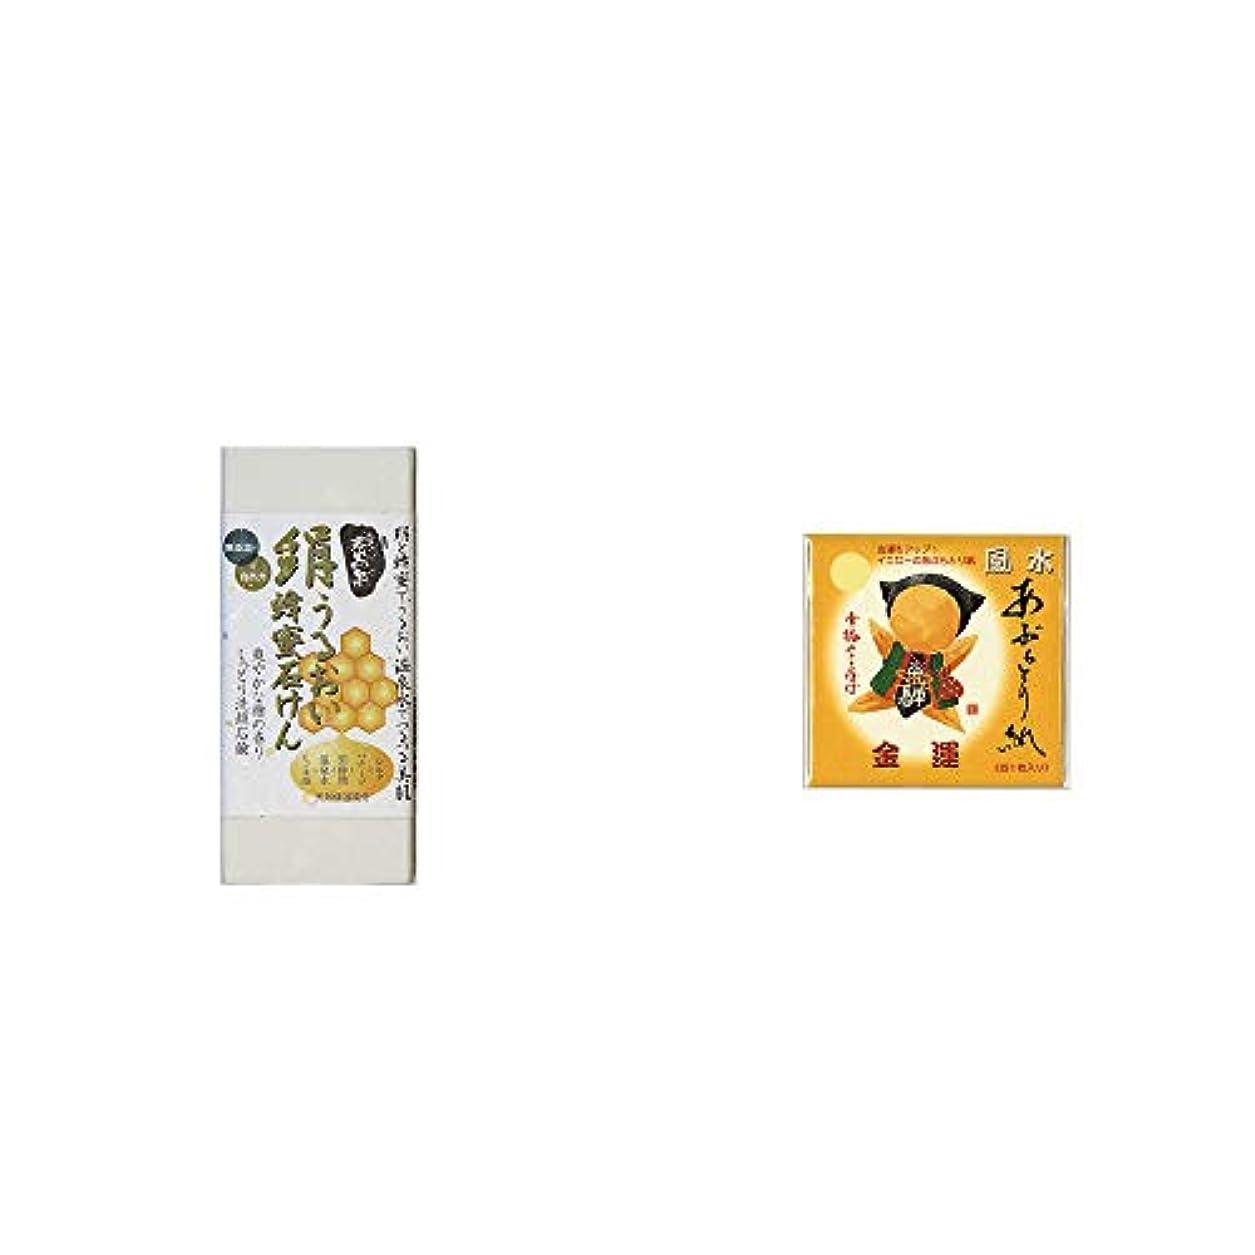 あまりにも虎呼ぶ[2点セット] ひのき炭黒泉 絹うるおい蜂蜜石けん(75g×2)?さるぼぼ 風水あぶらとり紙【イエロー】